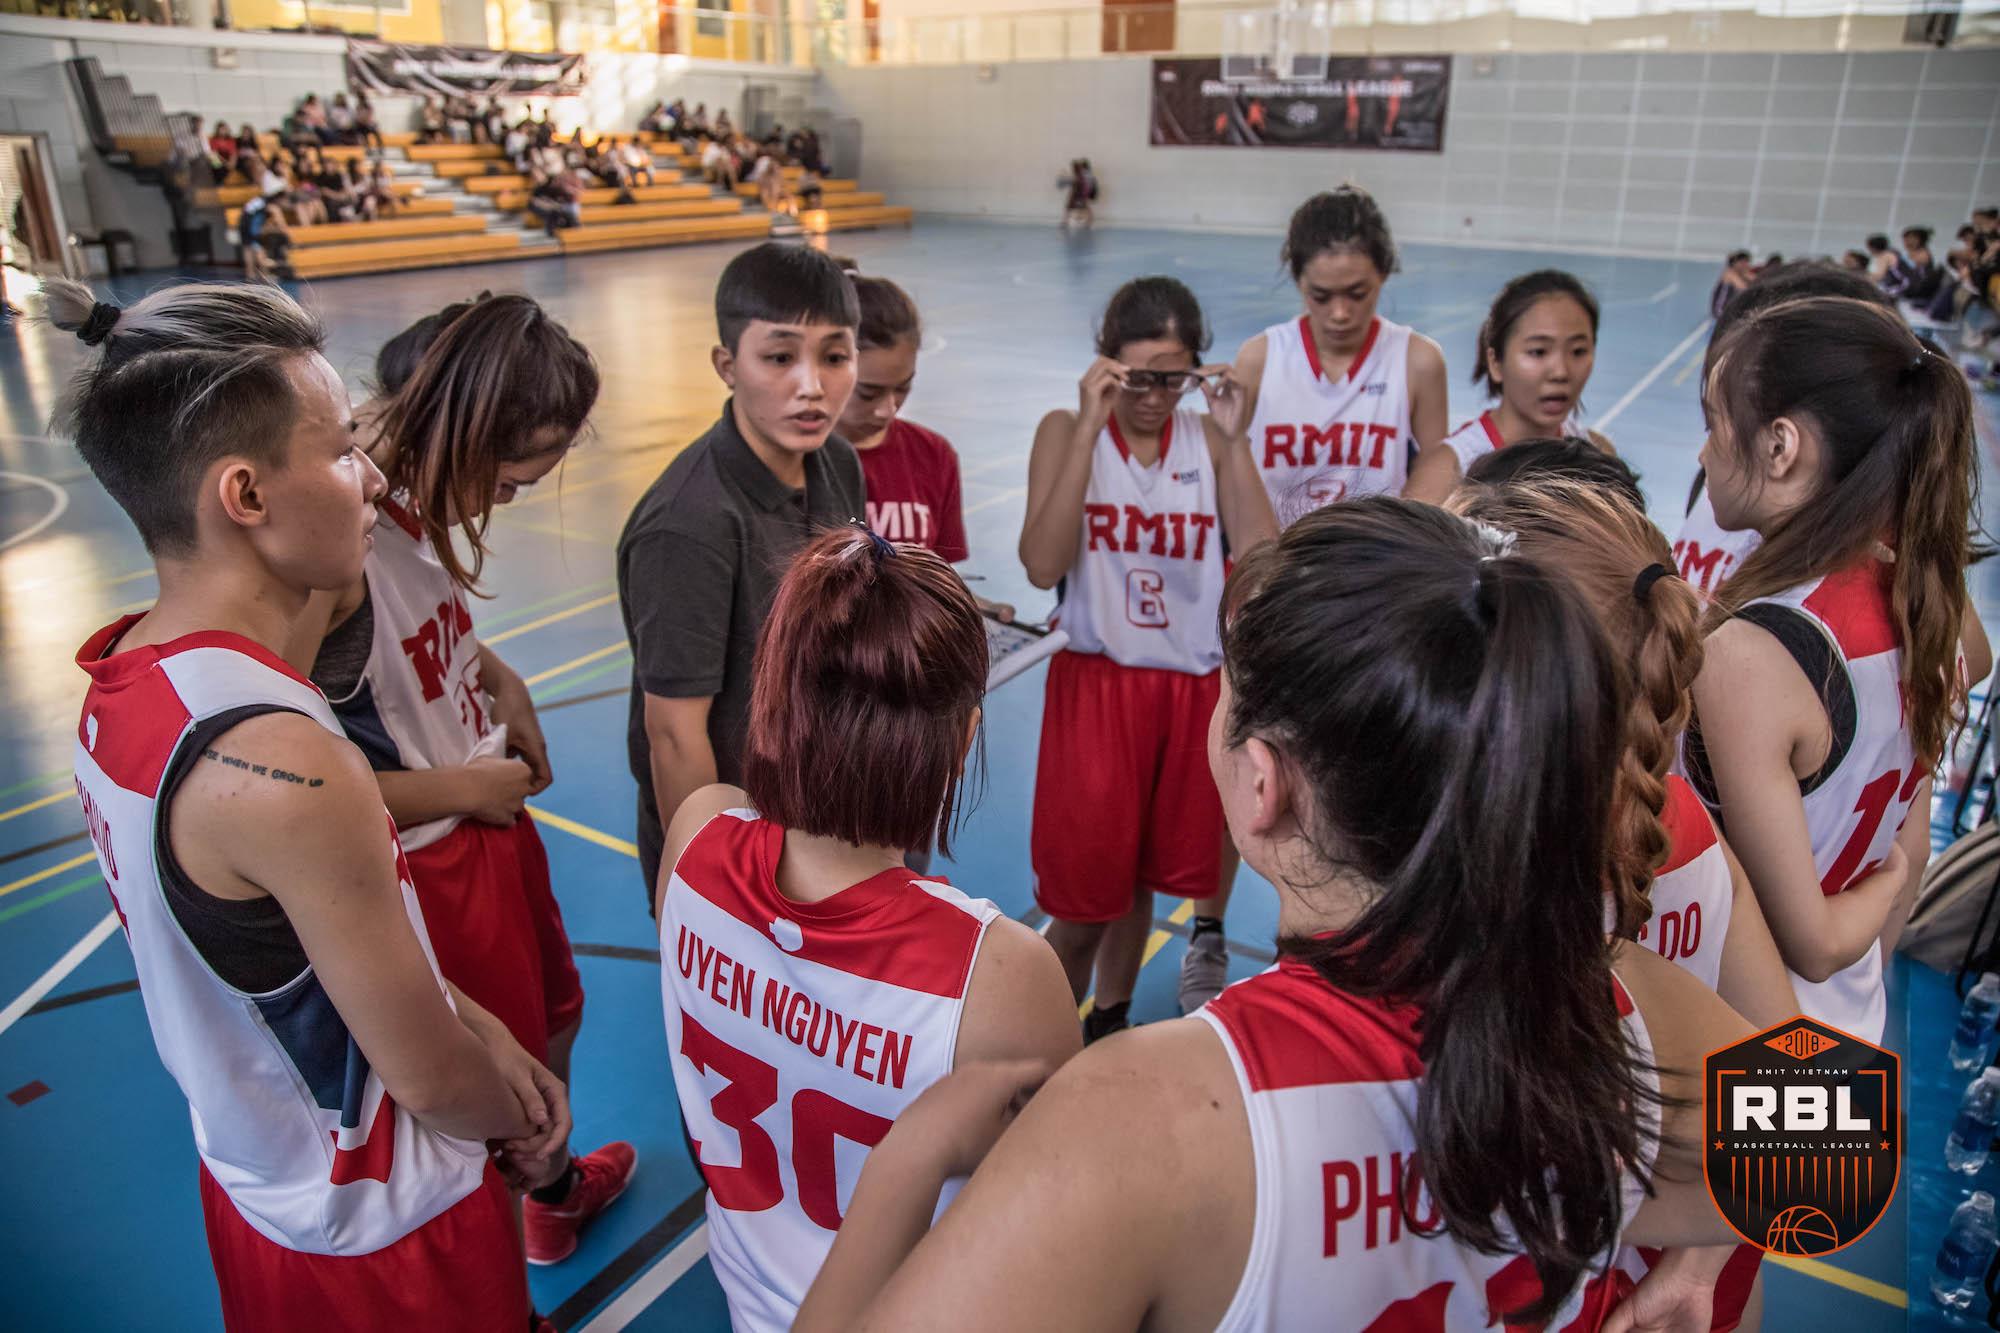 Đội chủ nhà RMIT thắng đậm tại lễ khai mạc giải bóng rổ truyền thống hàng năm - Ảnh 6.